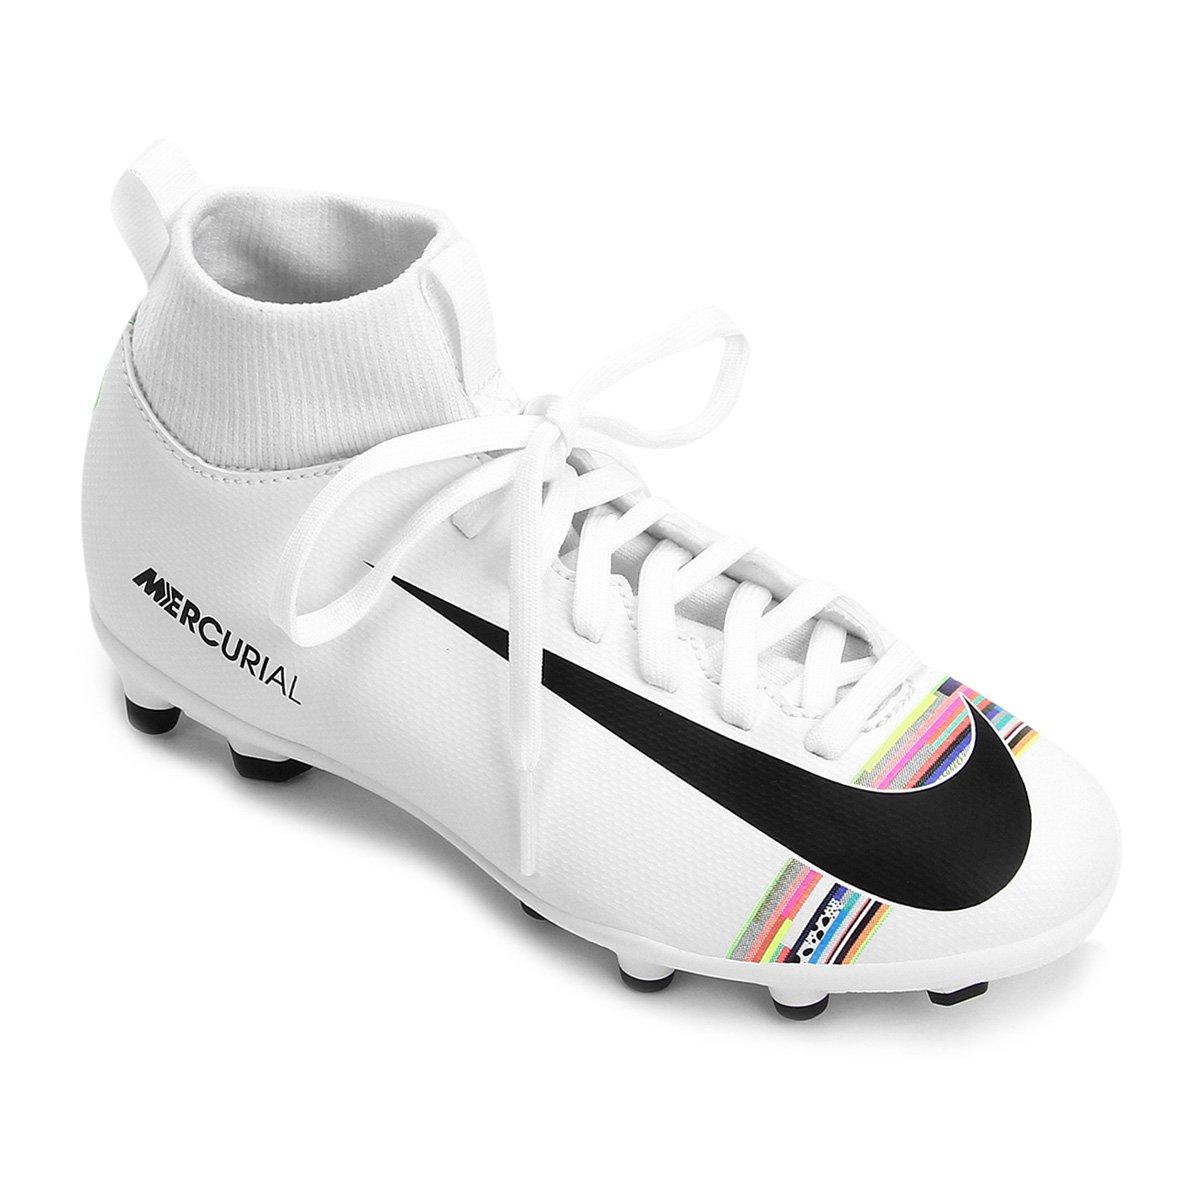 ad95e5268 Chuteira Campo Infantil Nike Mercurial Superfly 6 Club CR7 FG - Branco e  Preto | Loja do Inter